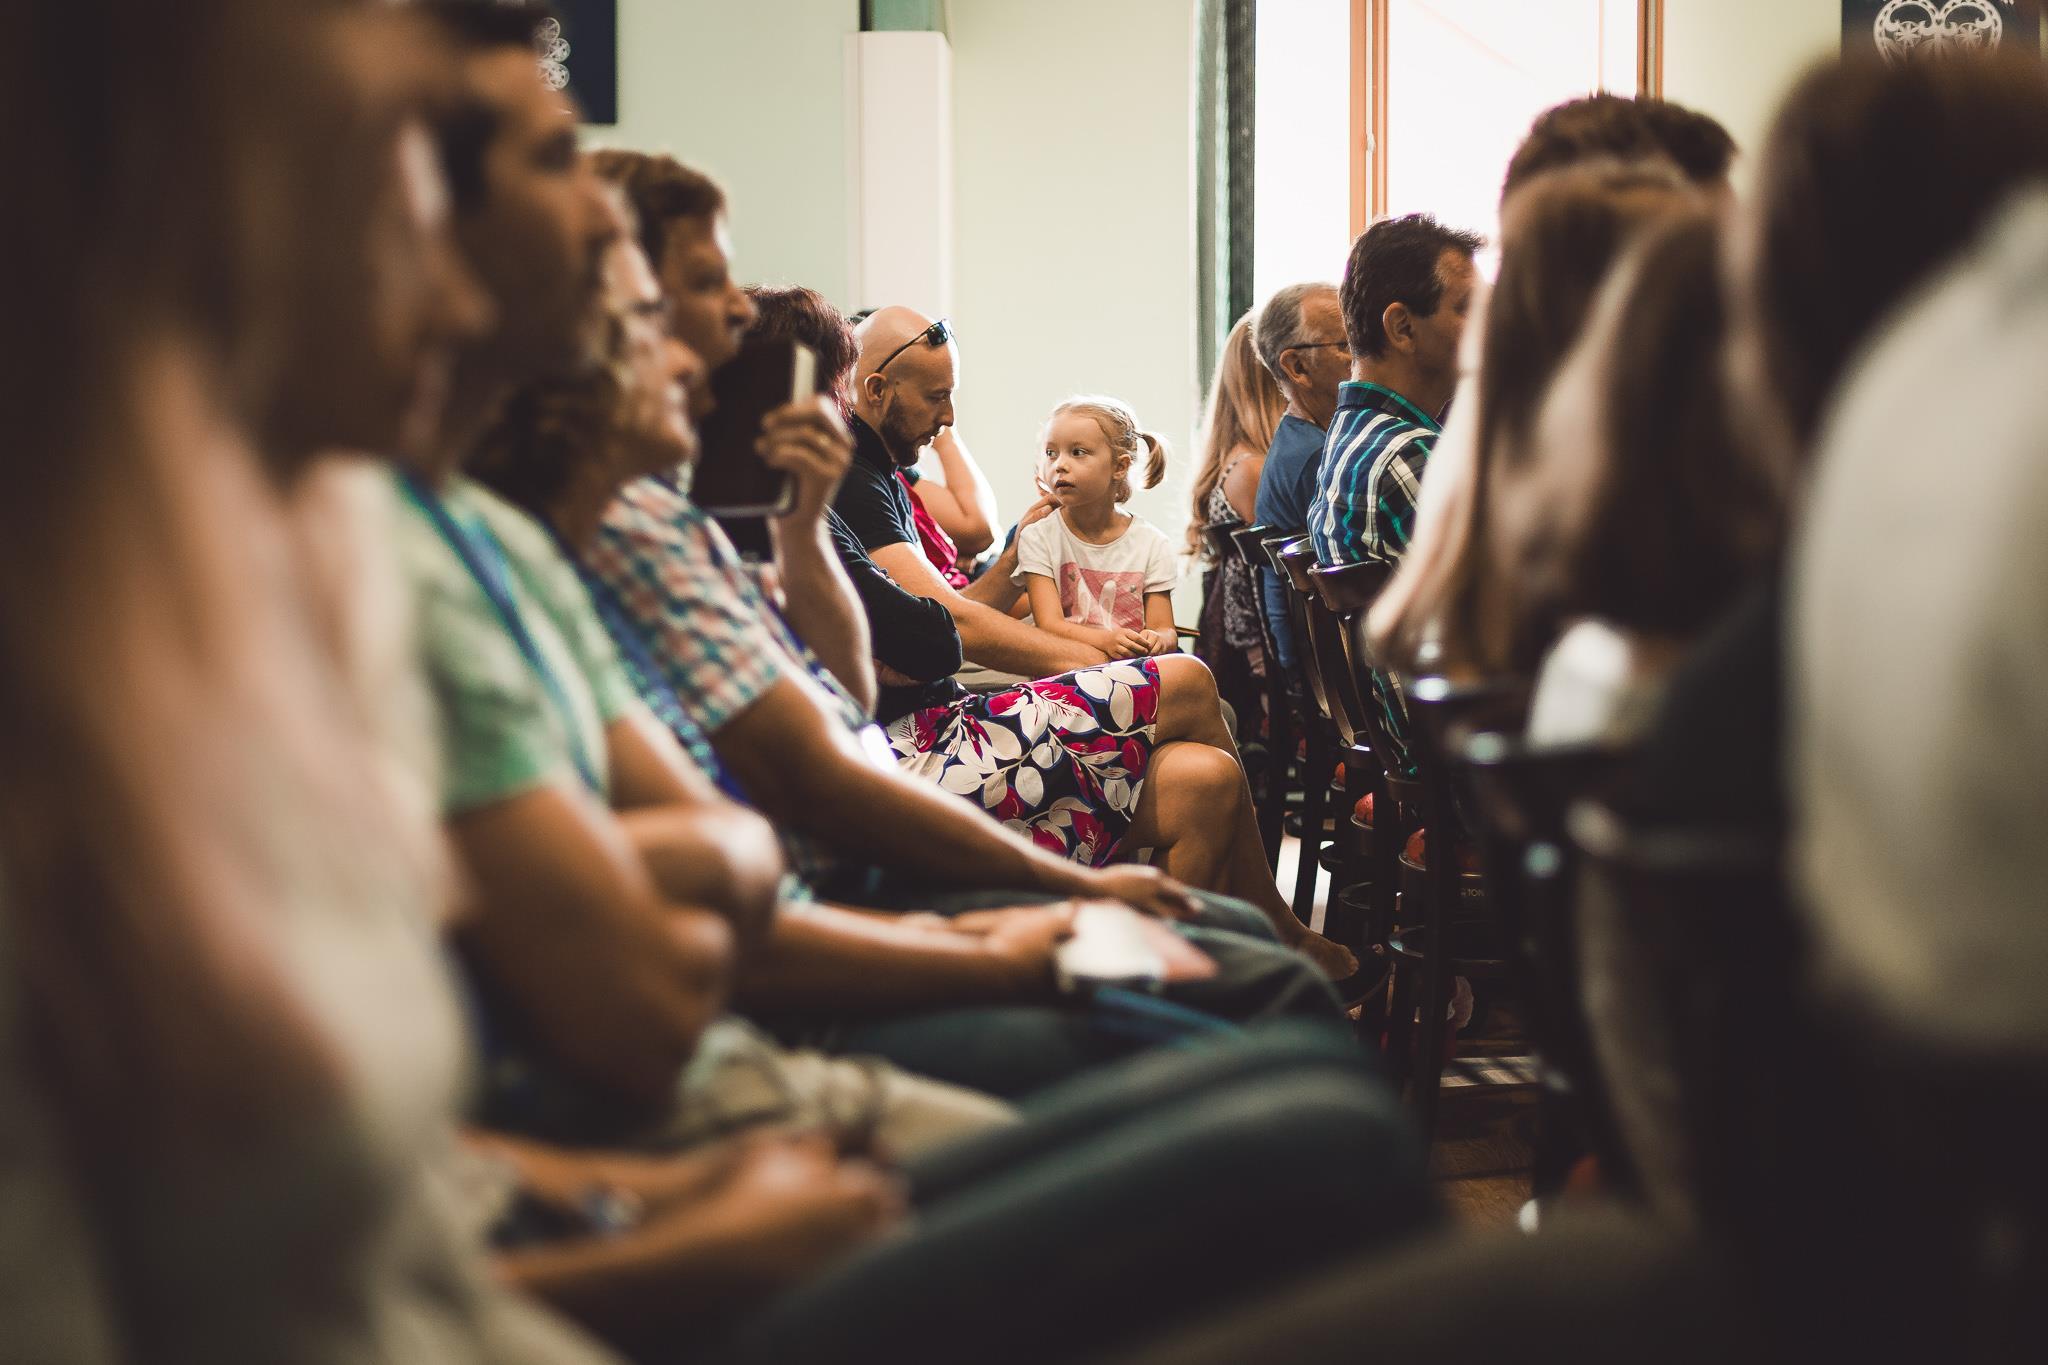 účastníci sledují řečníka na bohoslužbě